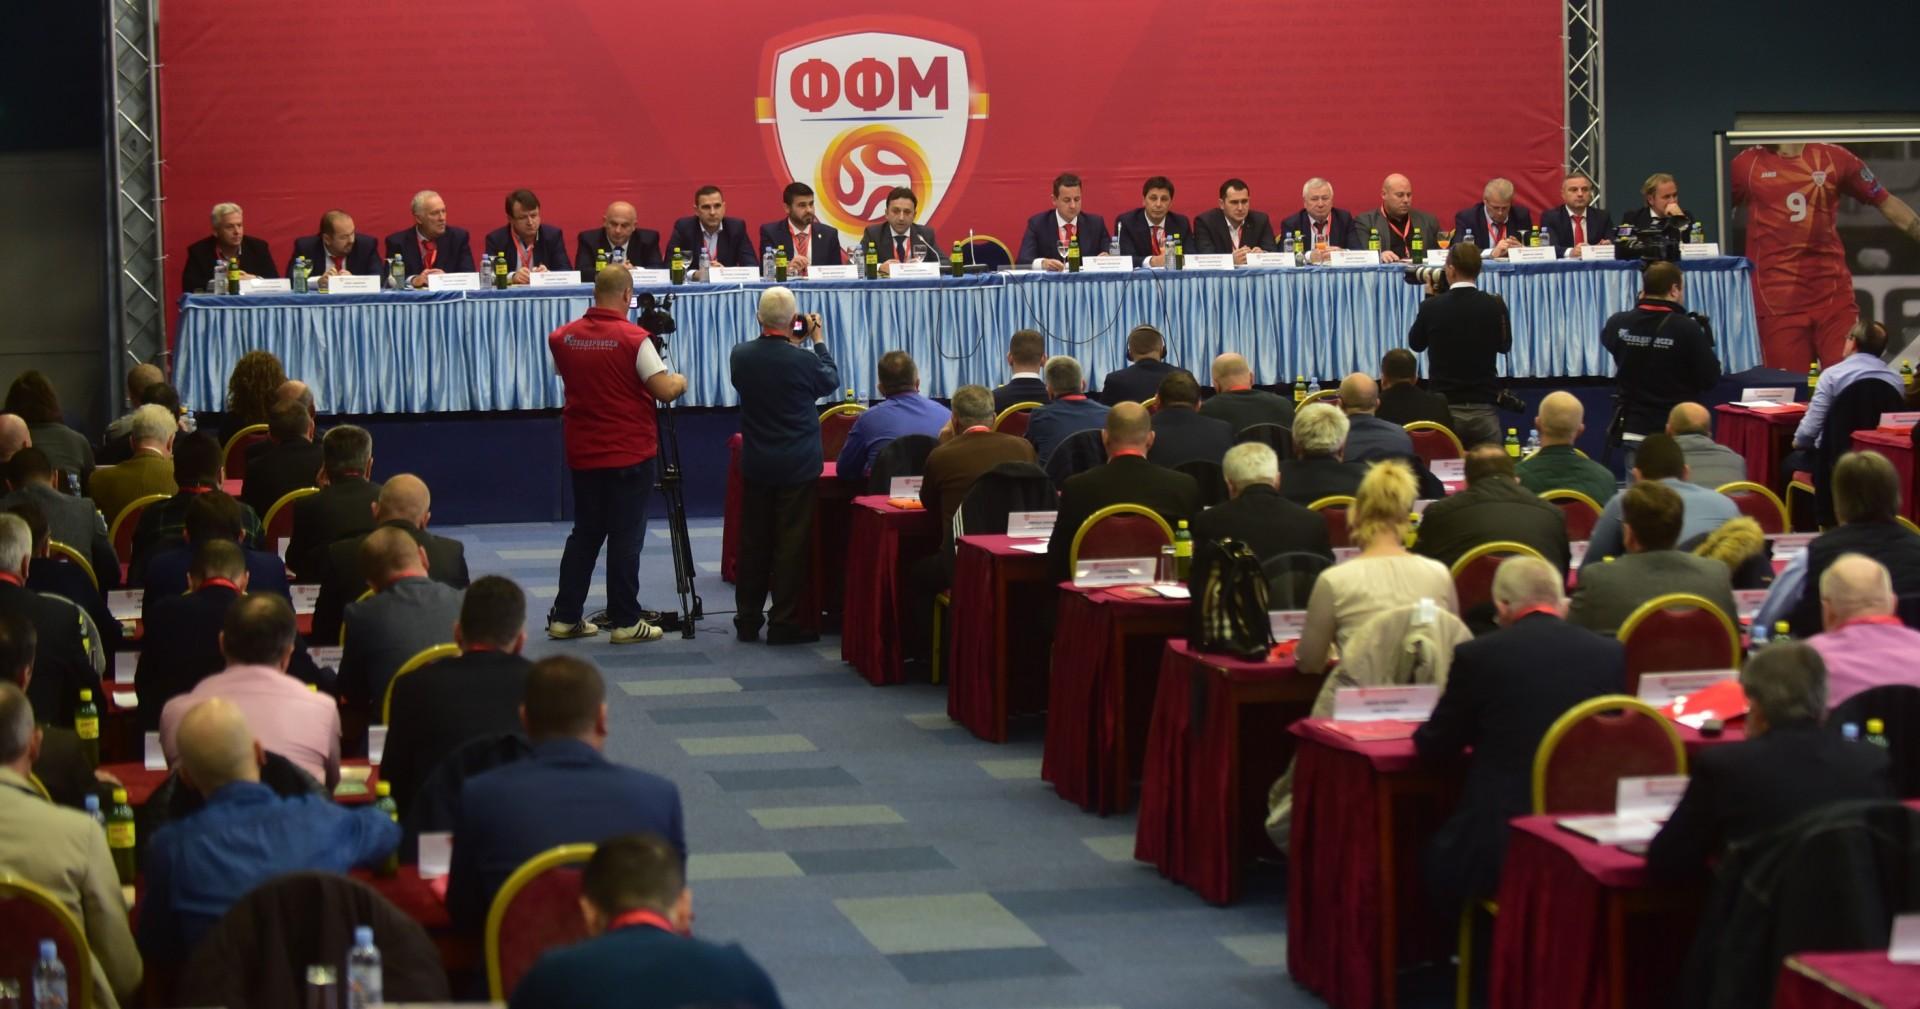 Паушал од 10.000 денари, спортска опрема до 150 евра, ноќевање во Горица за делегатите на Собранието во ФФМ